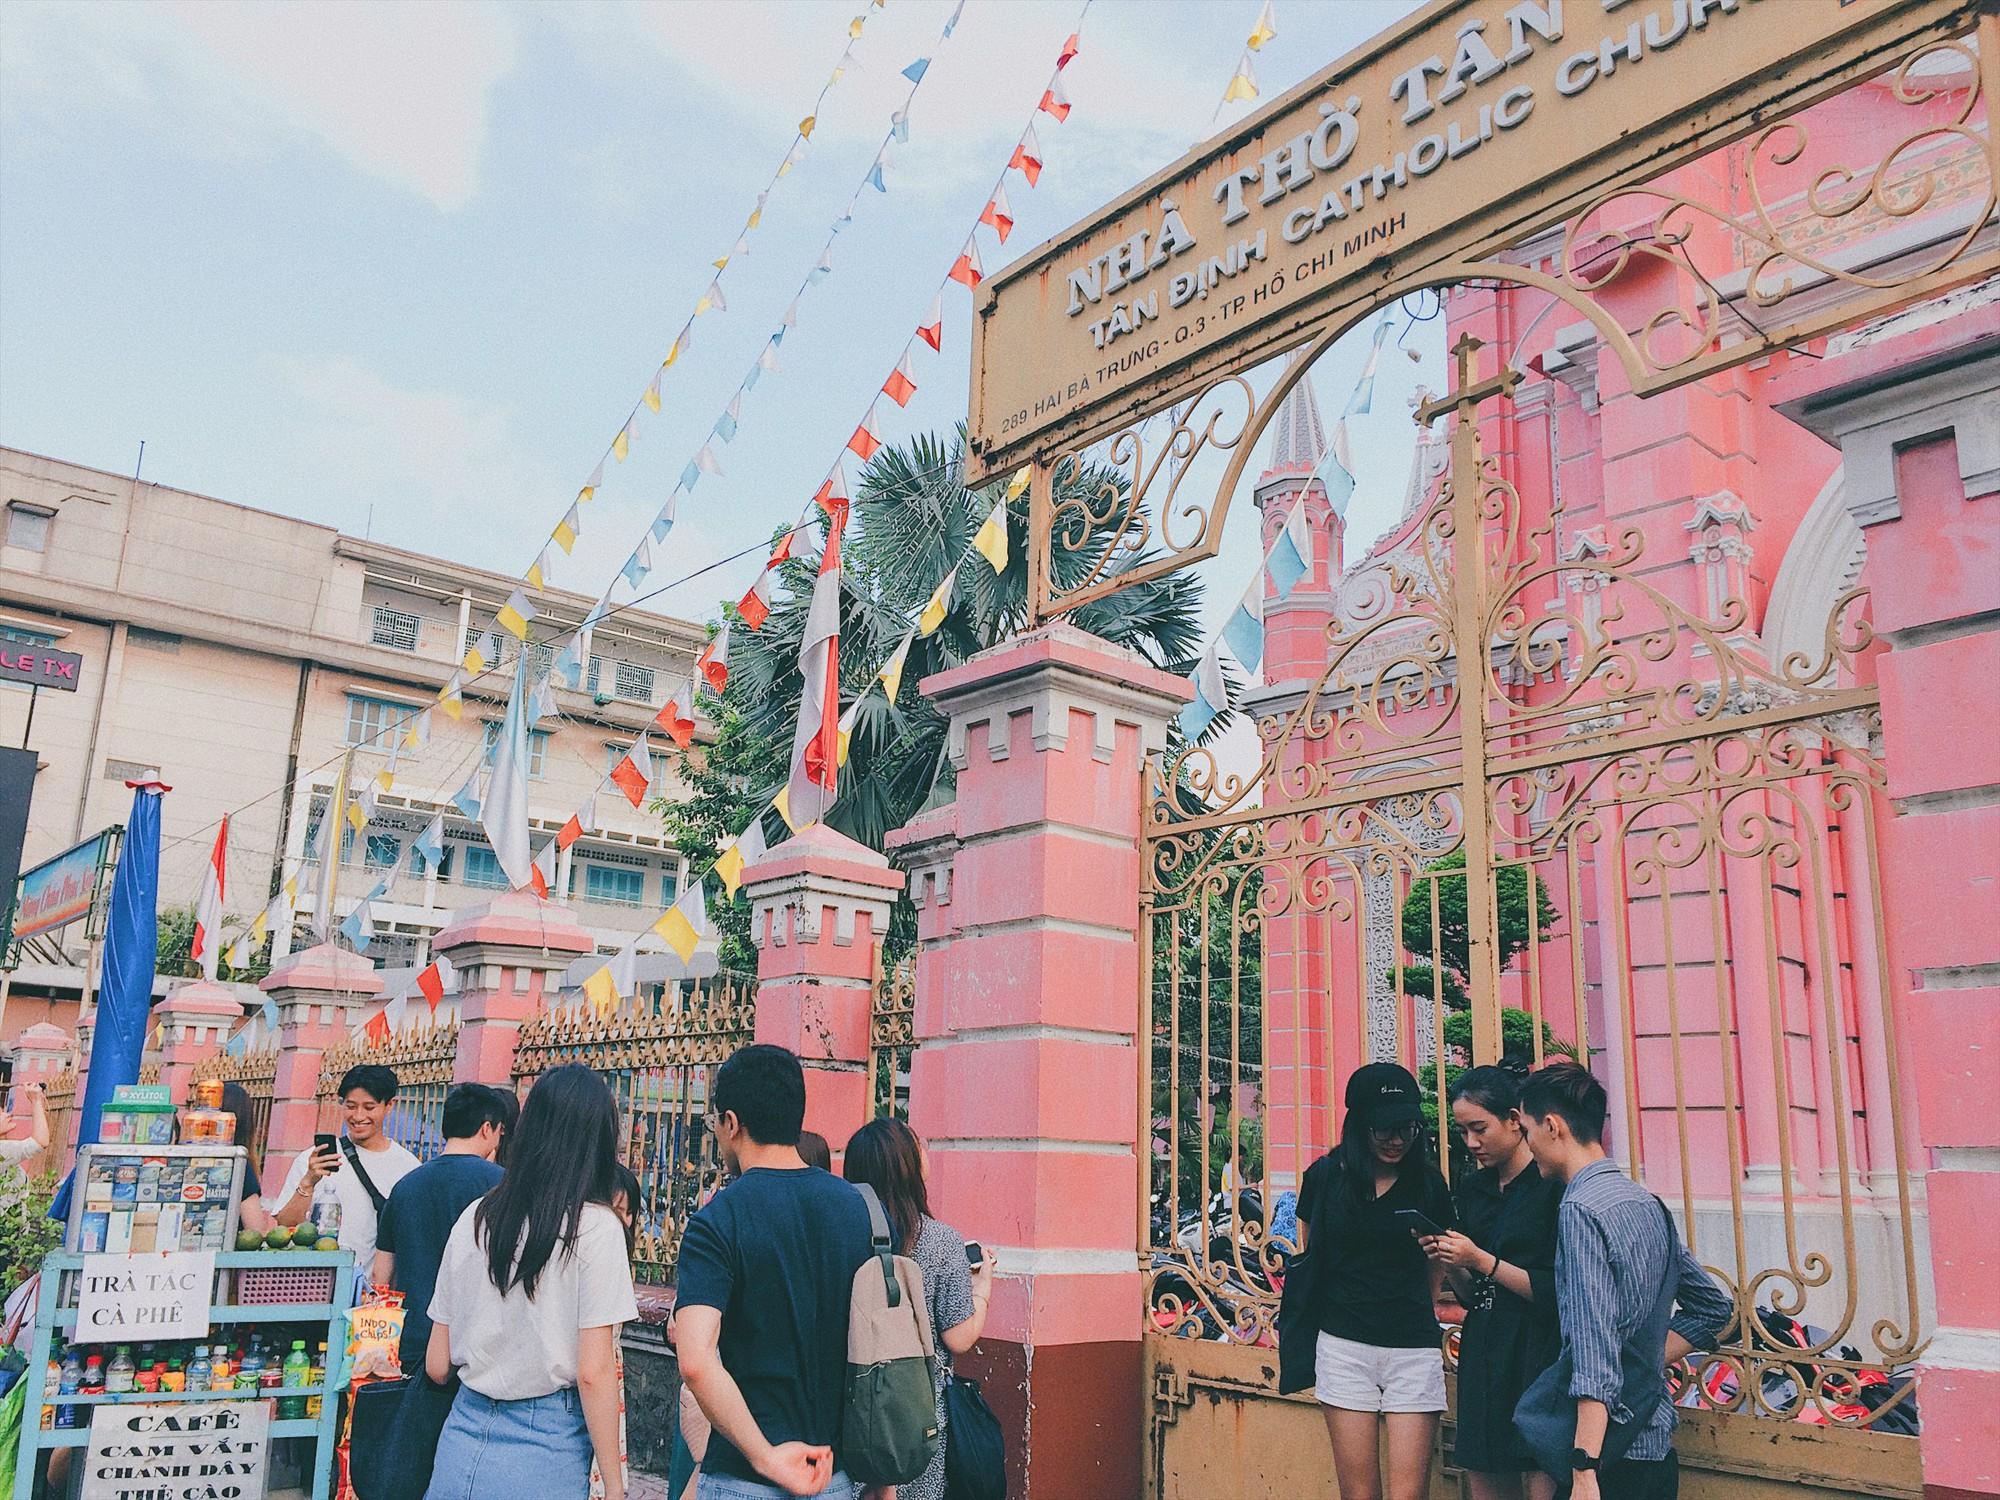 Vẻ đẹp của nhà thờ màu hồng nằm giữa lòng Sài Gòn khiến du khách mê mẩn - Ảnh 8.